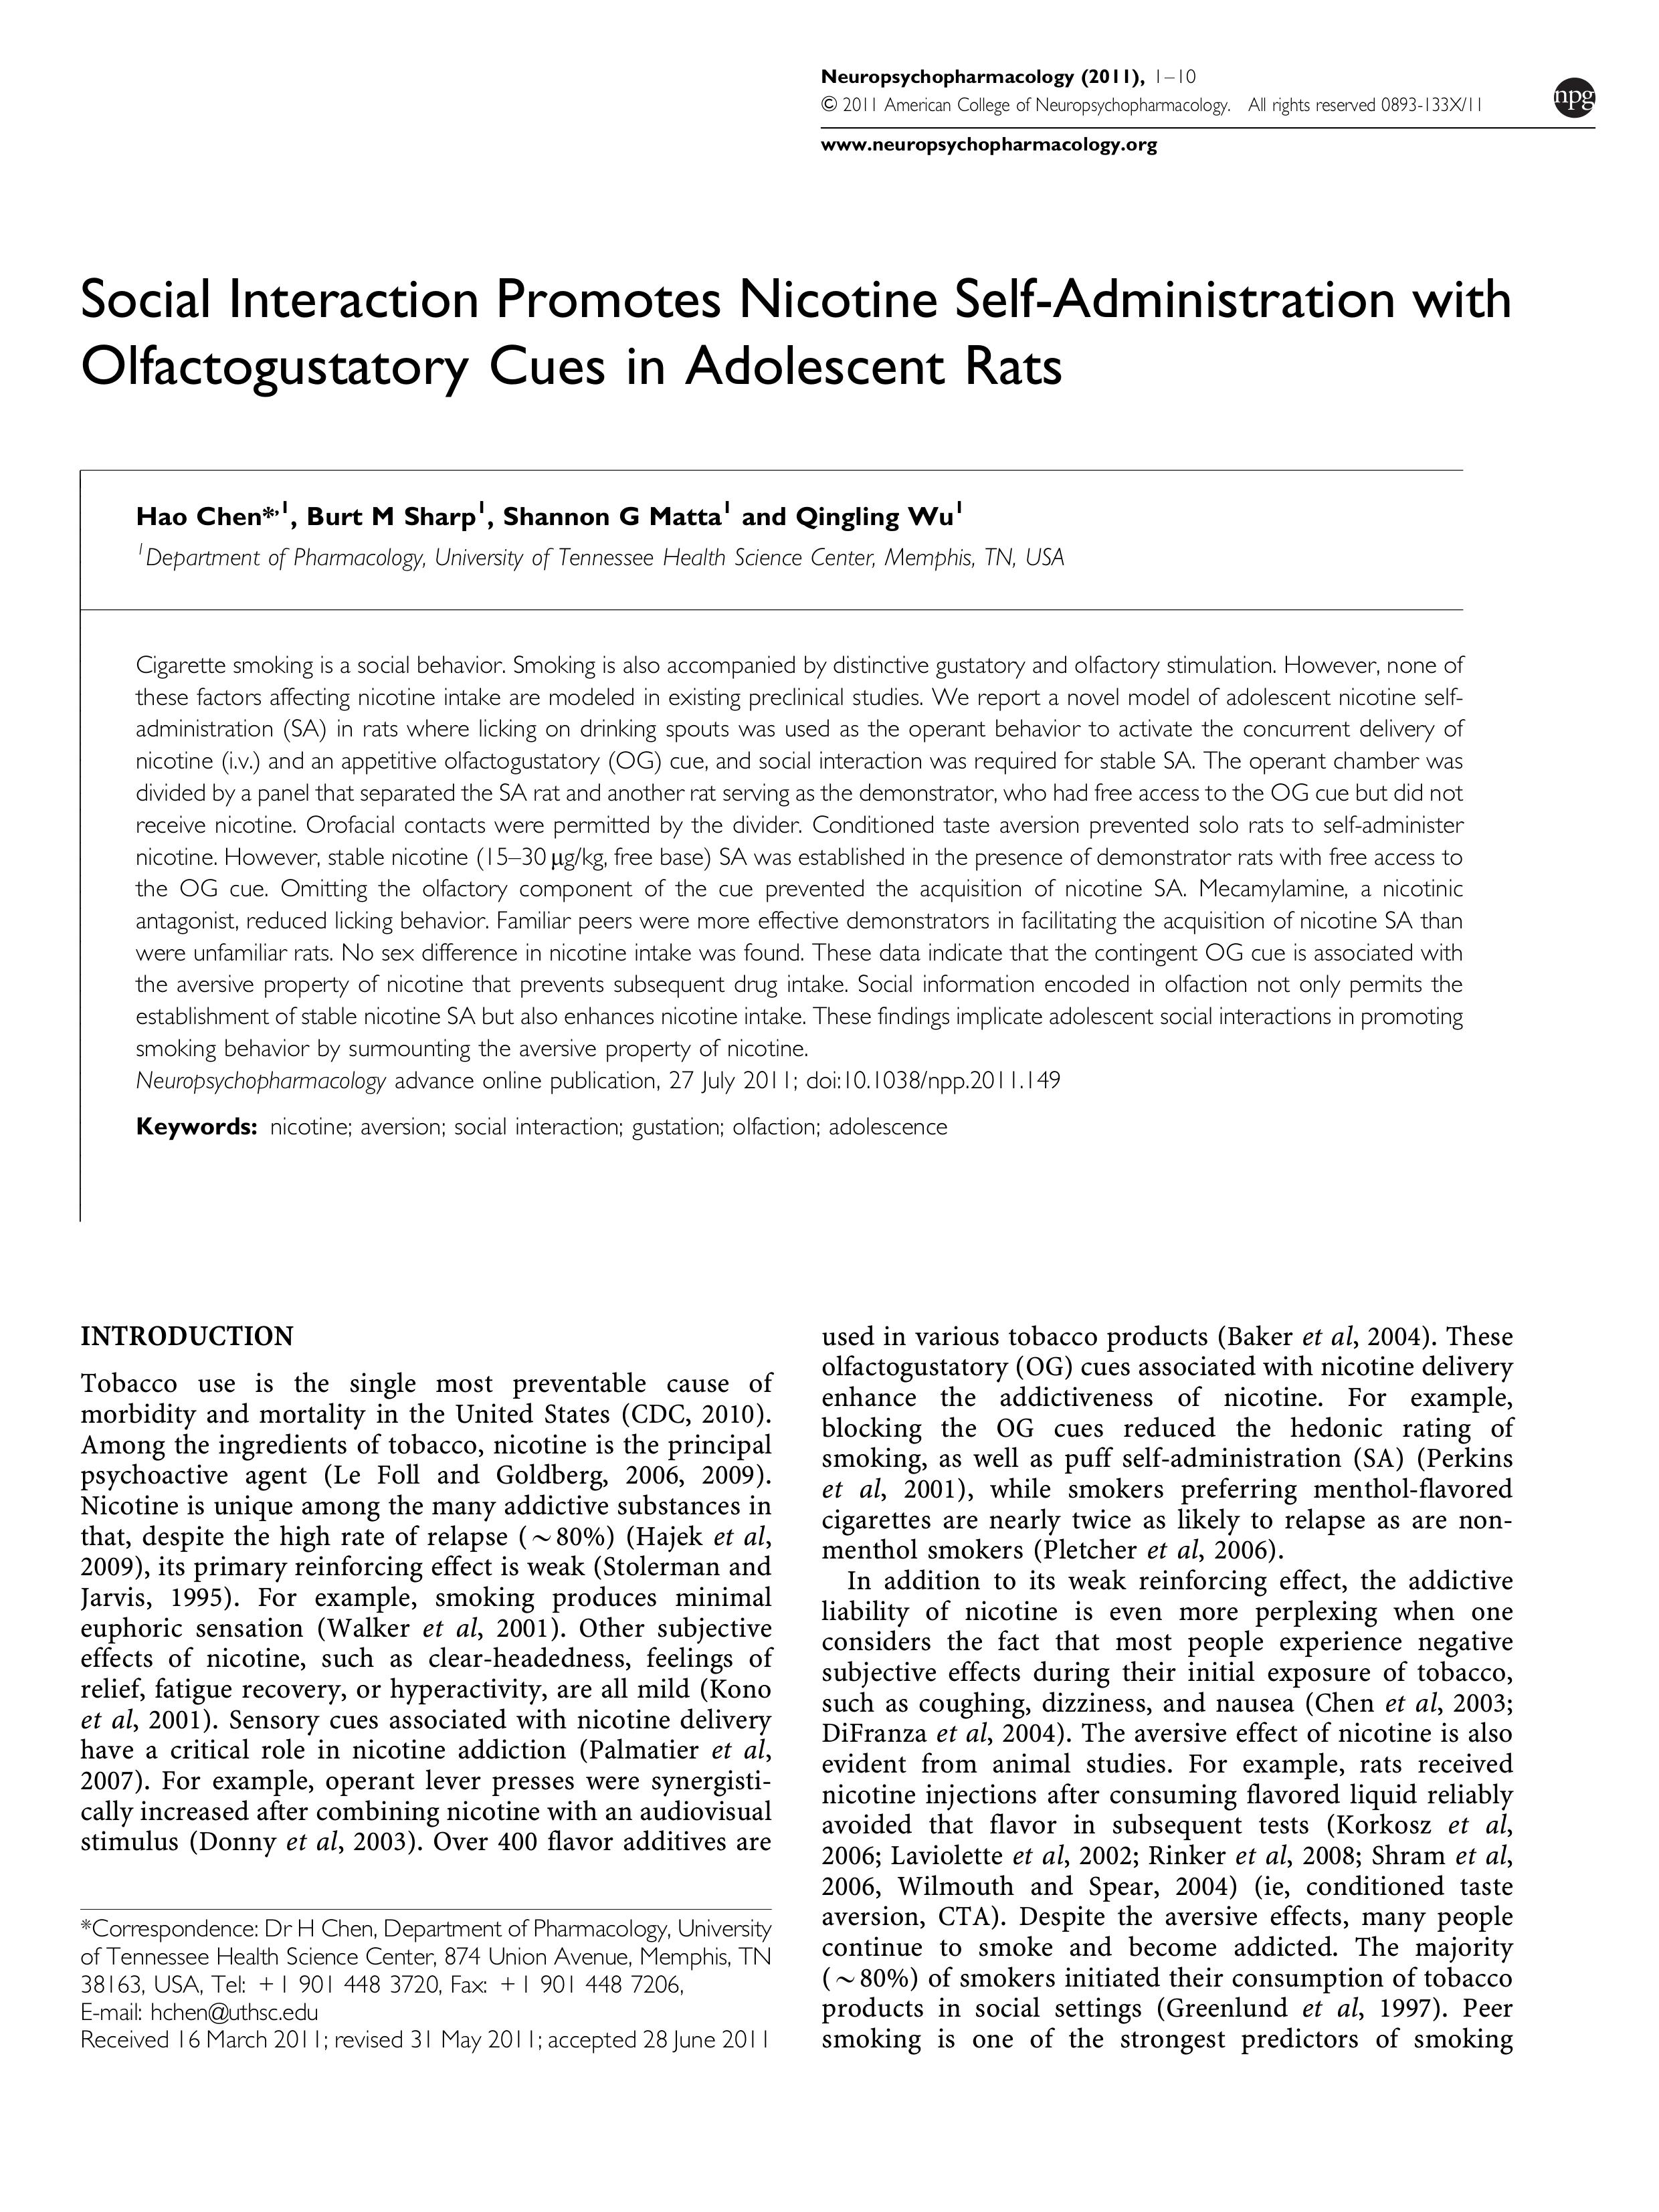 Chen et al. - 2011 - Neuropsychopharmacology.png